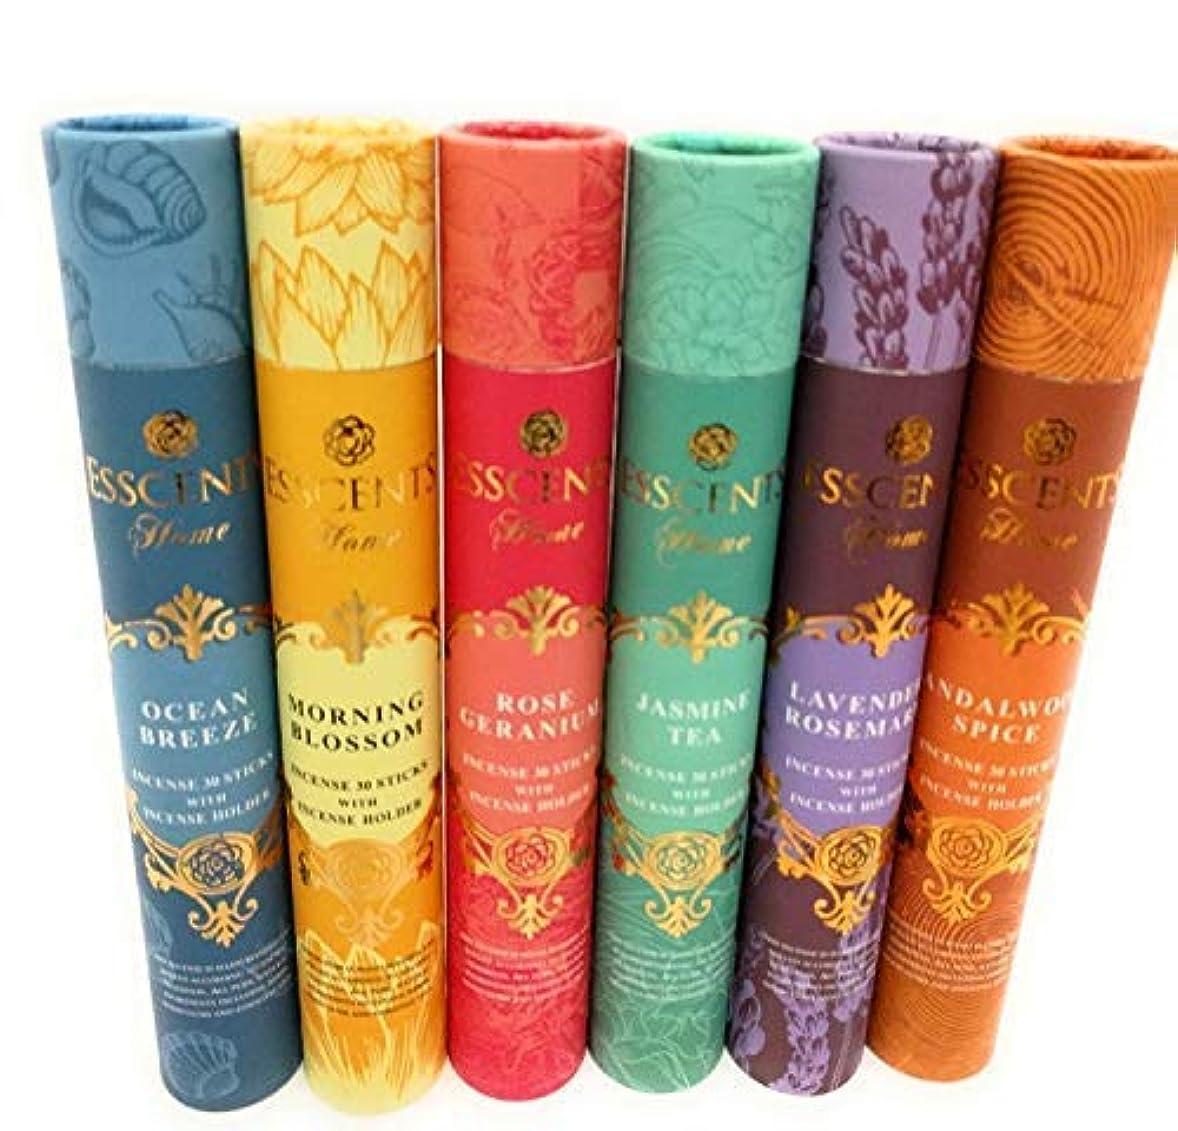 動く贅沢なだめるEssence incense gift pack 180 sticks with incense holder 6 flavours, Ocean,Morning Blosom,Jasmine tea,Rose Geranium...